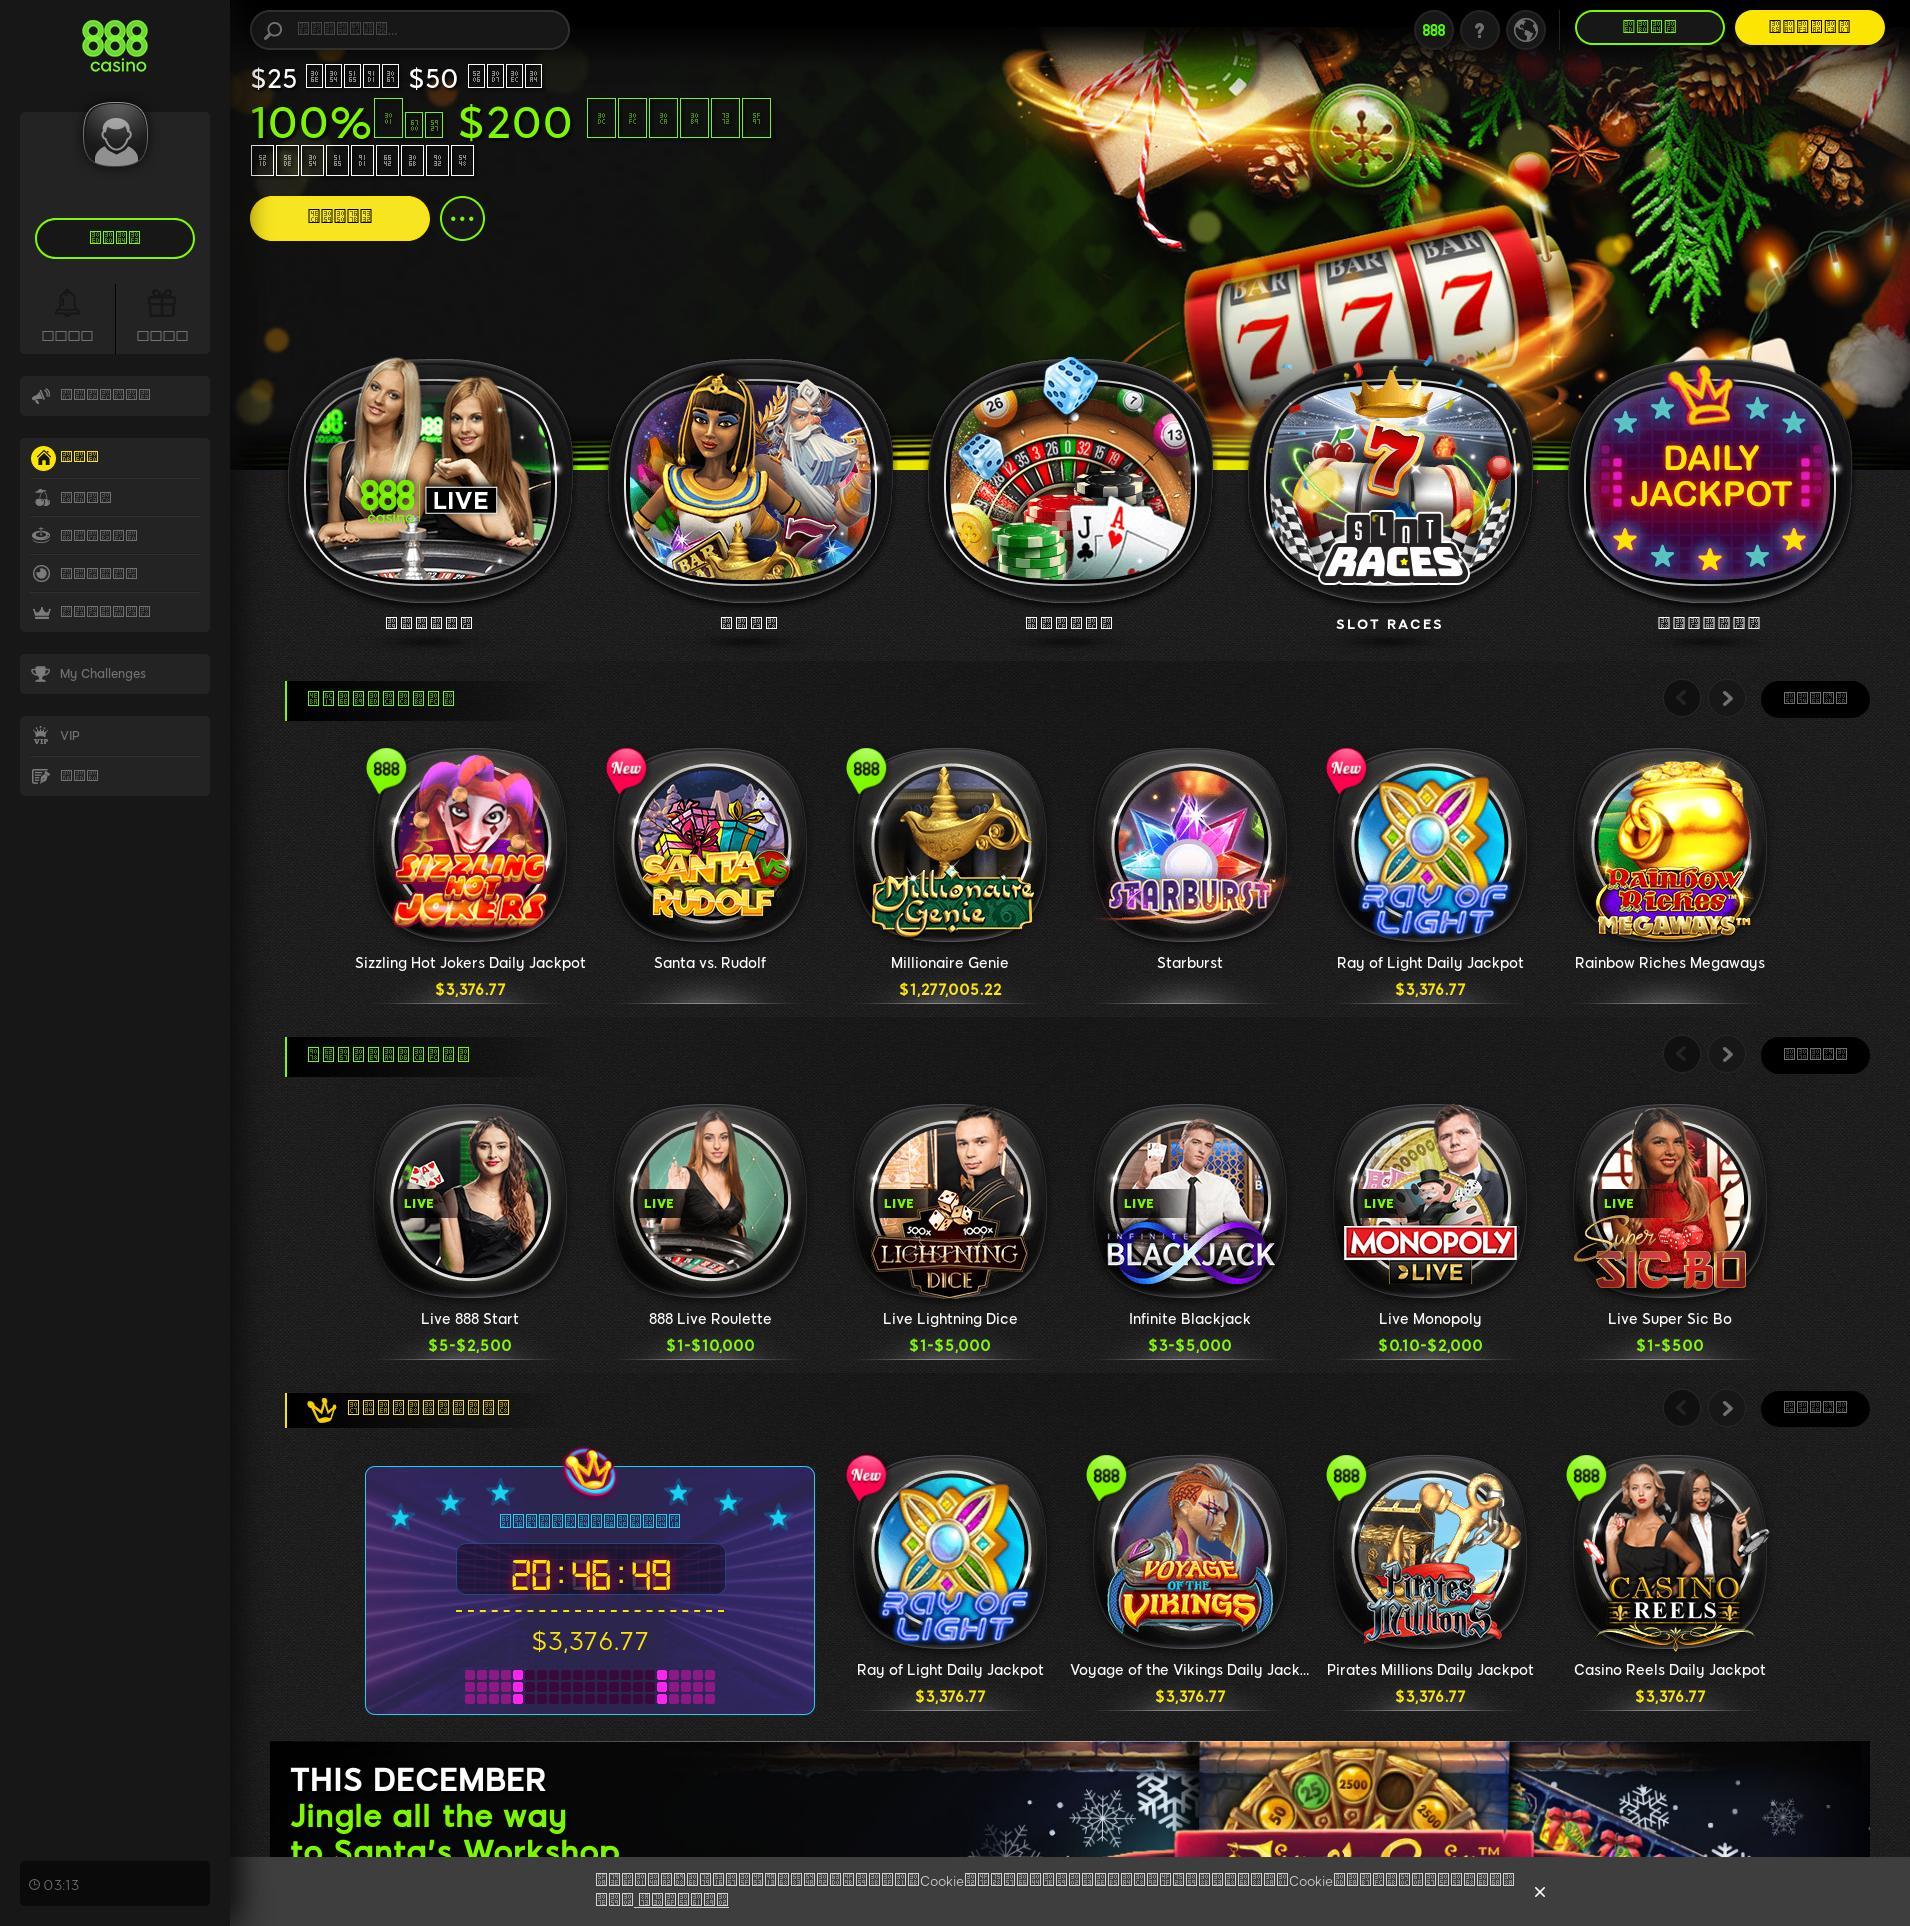 カジノのスクリーン Lobby 2019-12-13 ために 日本